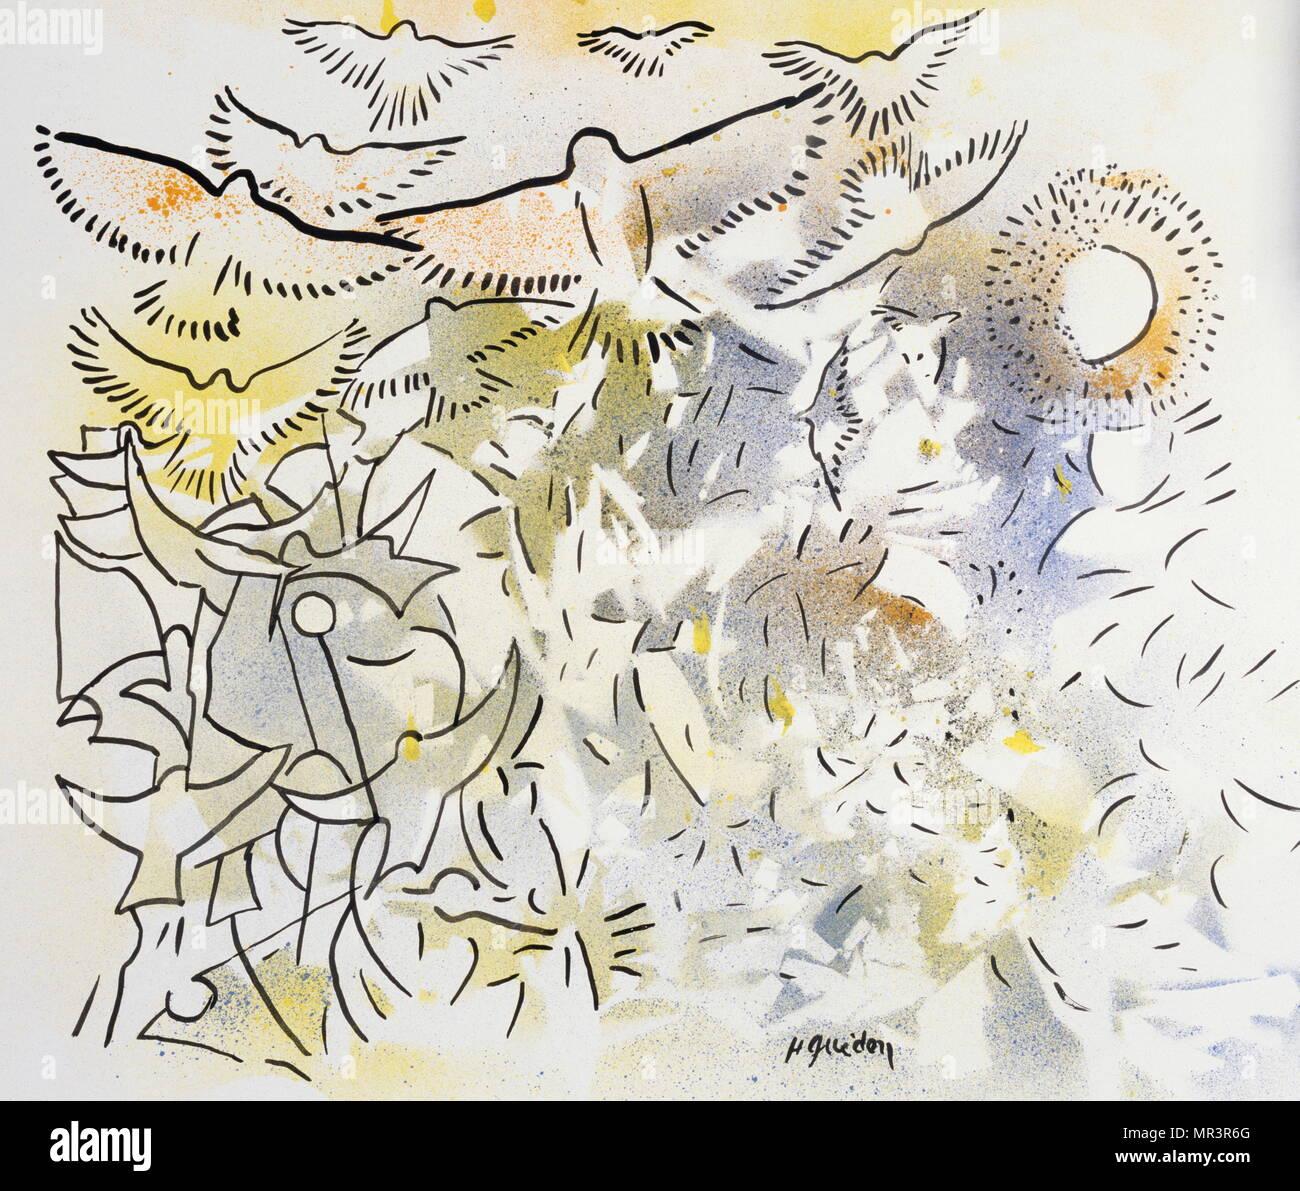 Allegro' 1983, da Henri Guédon; pittore e musicista jazz dalla Martinica. (1944-2006). Immagini Stock